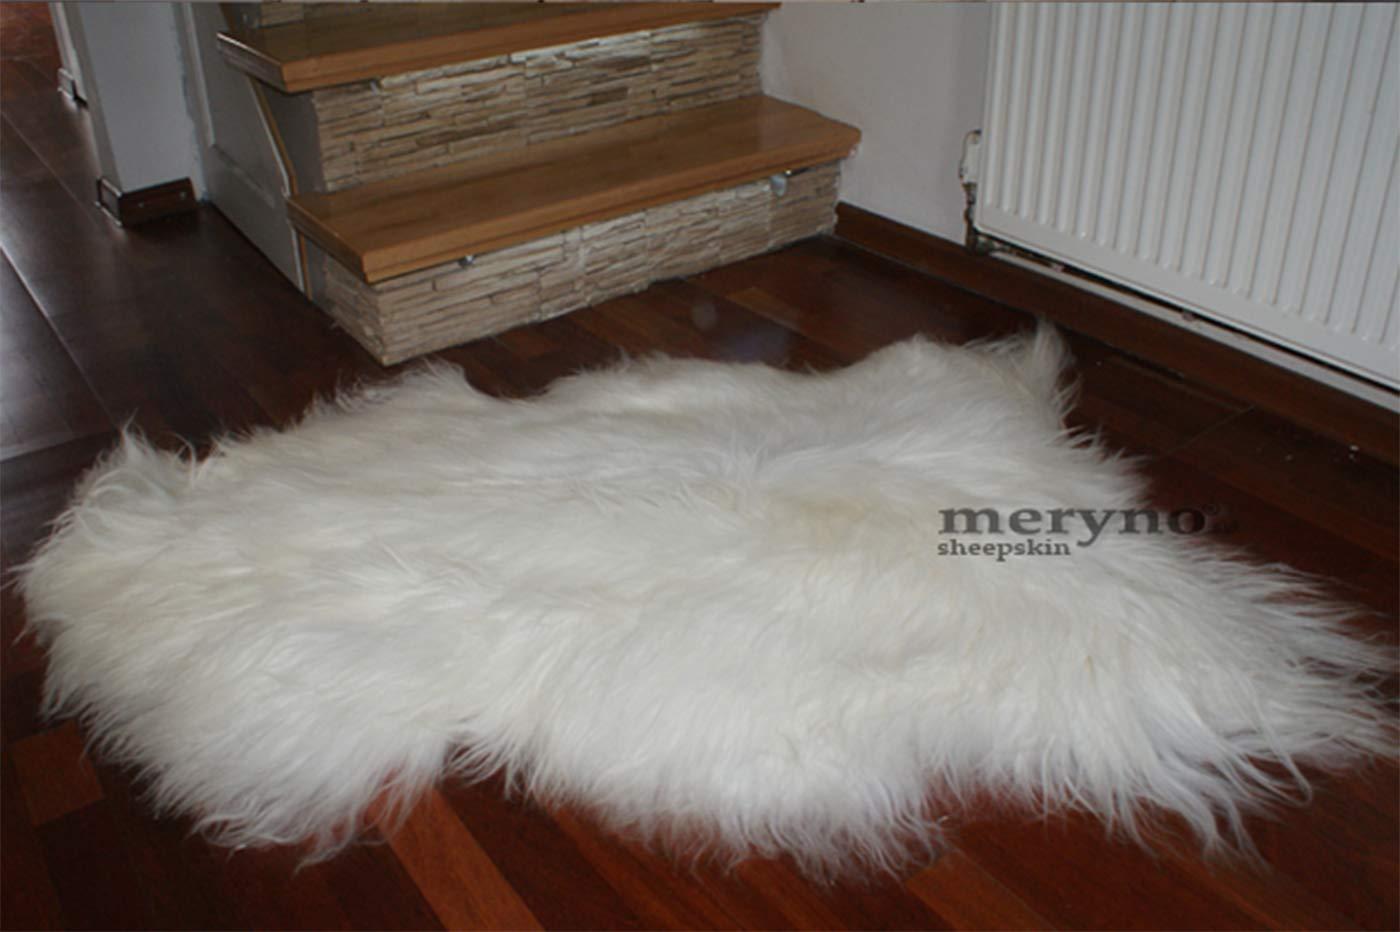 Meryno – Isländischer Schafsfell Schafsfell Schafsfell Teppich Amazing Weiches Wolle, schwarz, x Large B00XBOG1FK Teppiche & Lufer 0b30ae